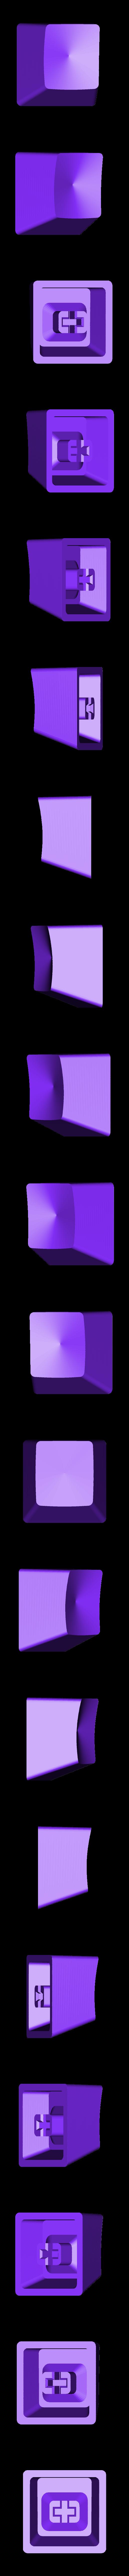 distance_function_key.stl Télécharger fichier STL gratuit Capsules mathématiques • Objet à imprimer en 3D, rsheldiii